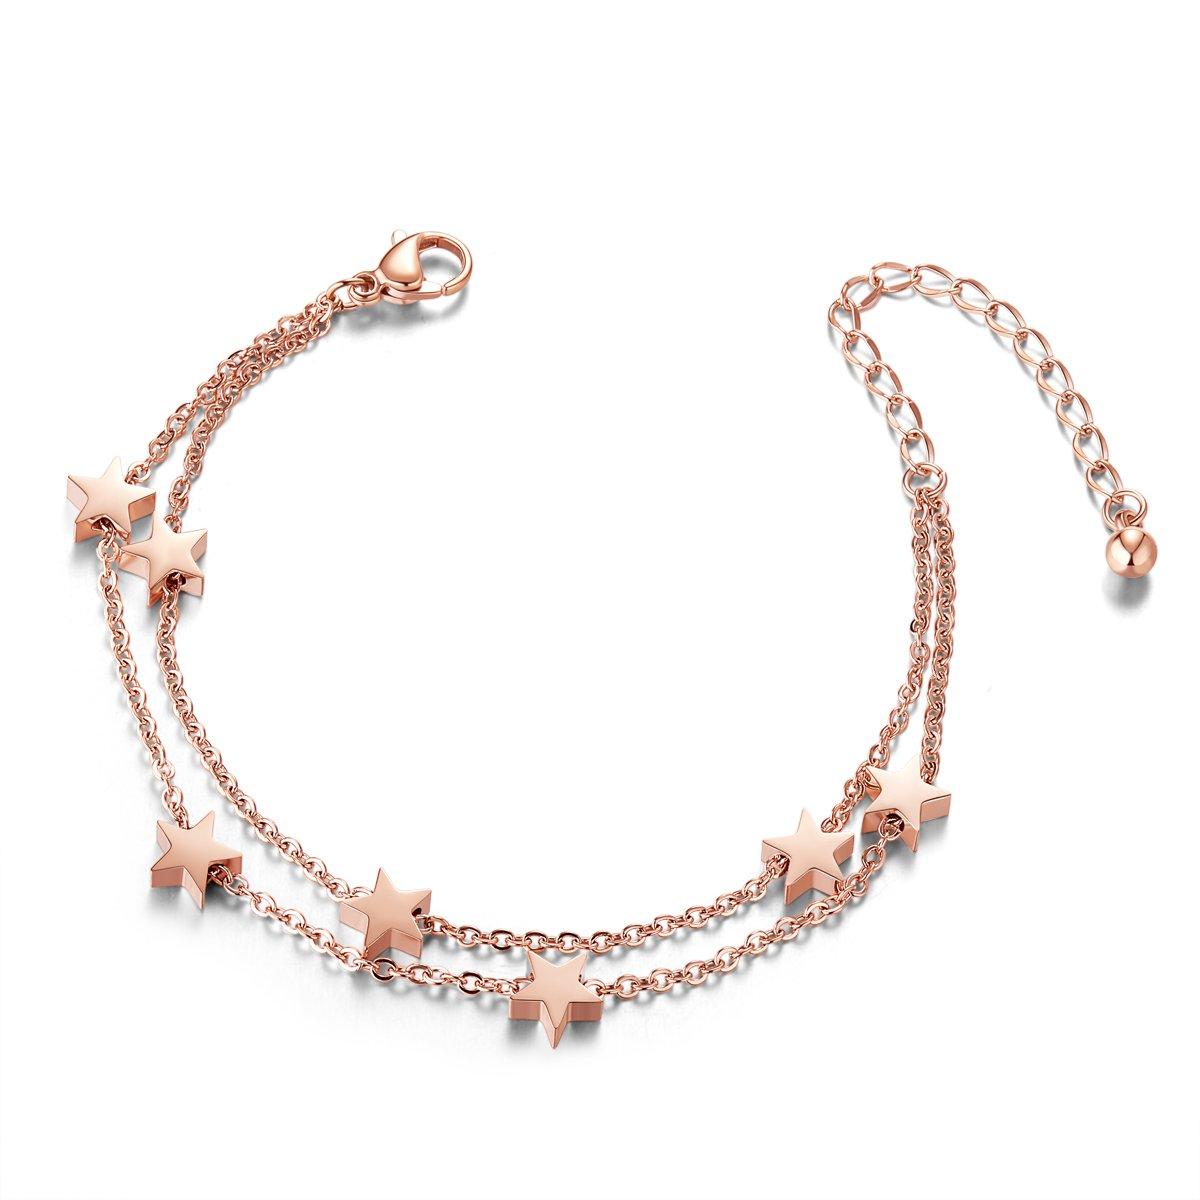 SWEETIEE - Bracelet de Cheville en Acier Titane, Doubles Chaines Orne d'Etoiles, Or Rose, 200mm Doubles Chaines Orne d'Etoiles SHEGRACE JA42A